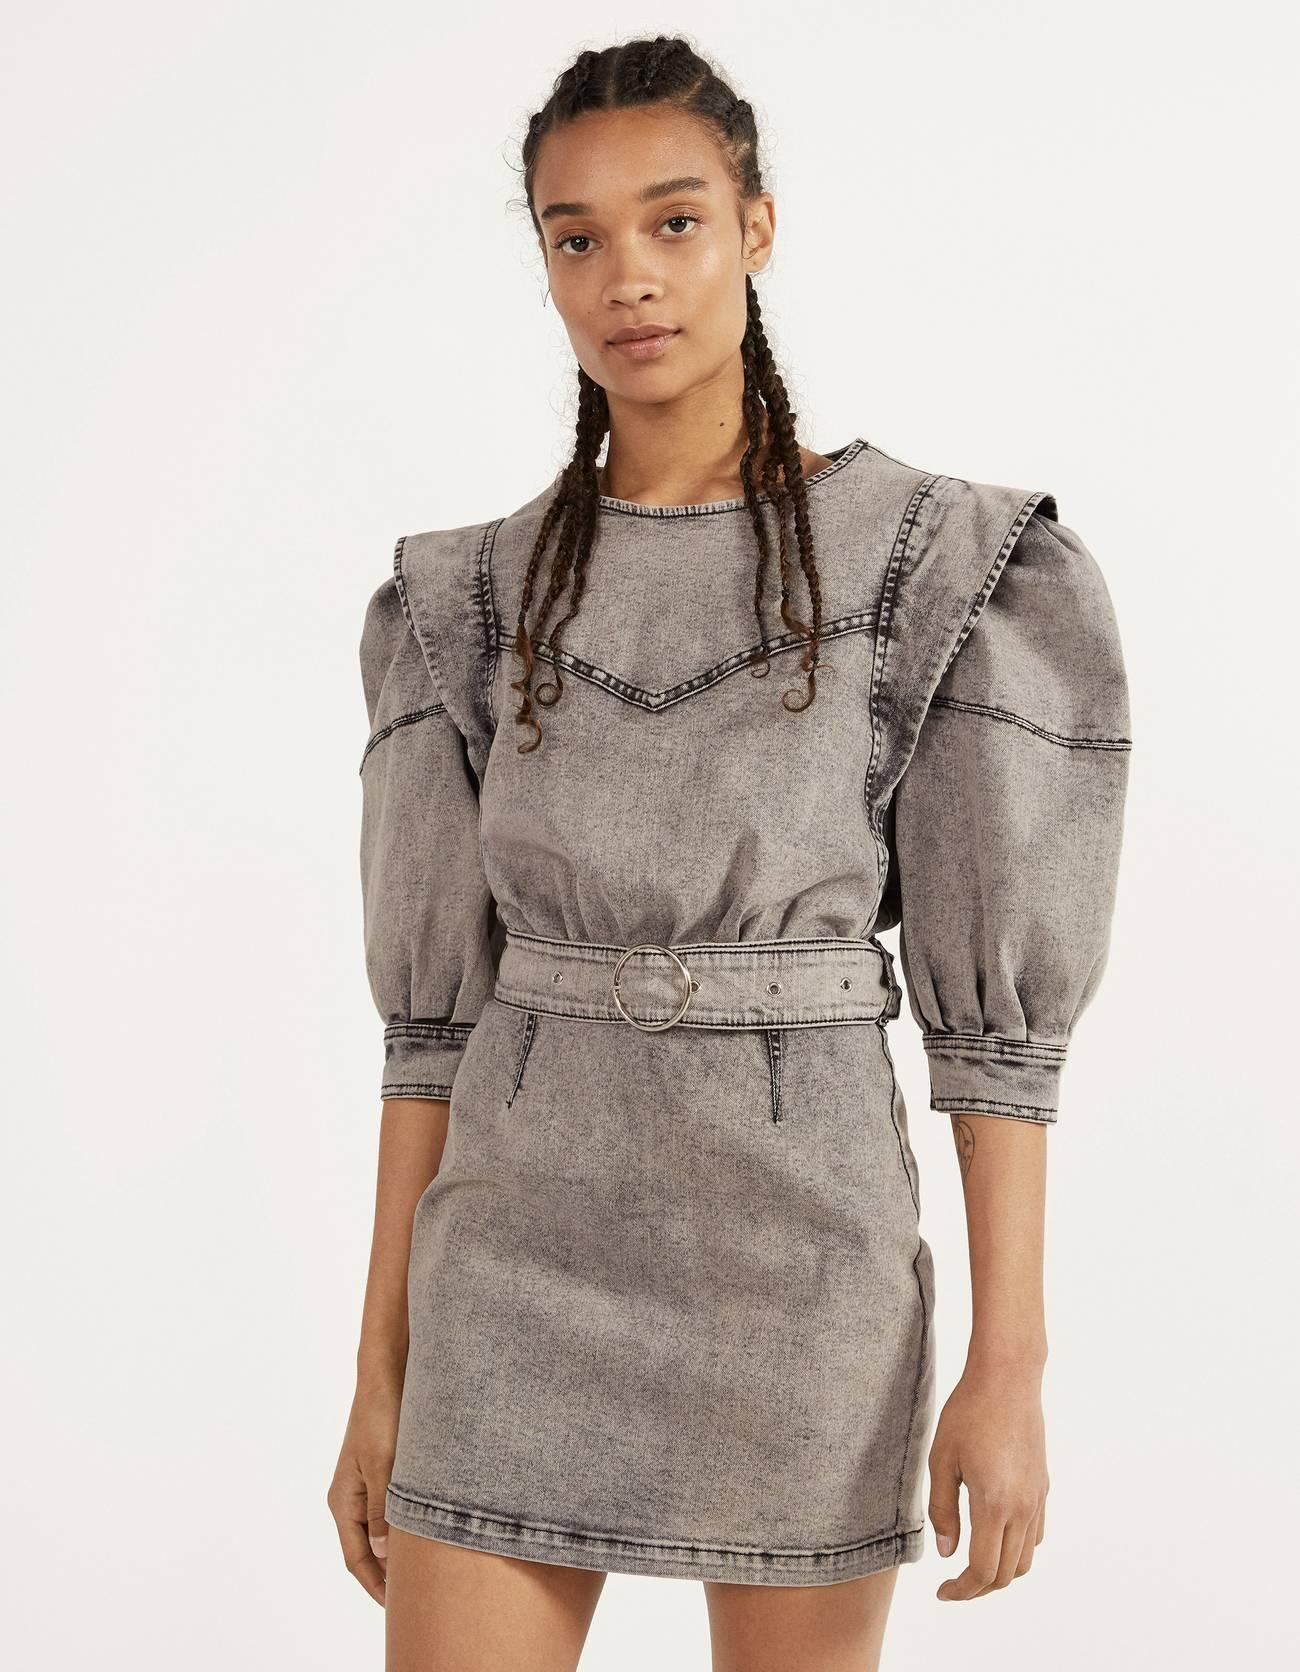 Джинсовое платье объемного кроя Серый Bershka